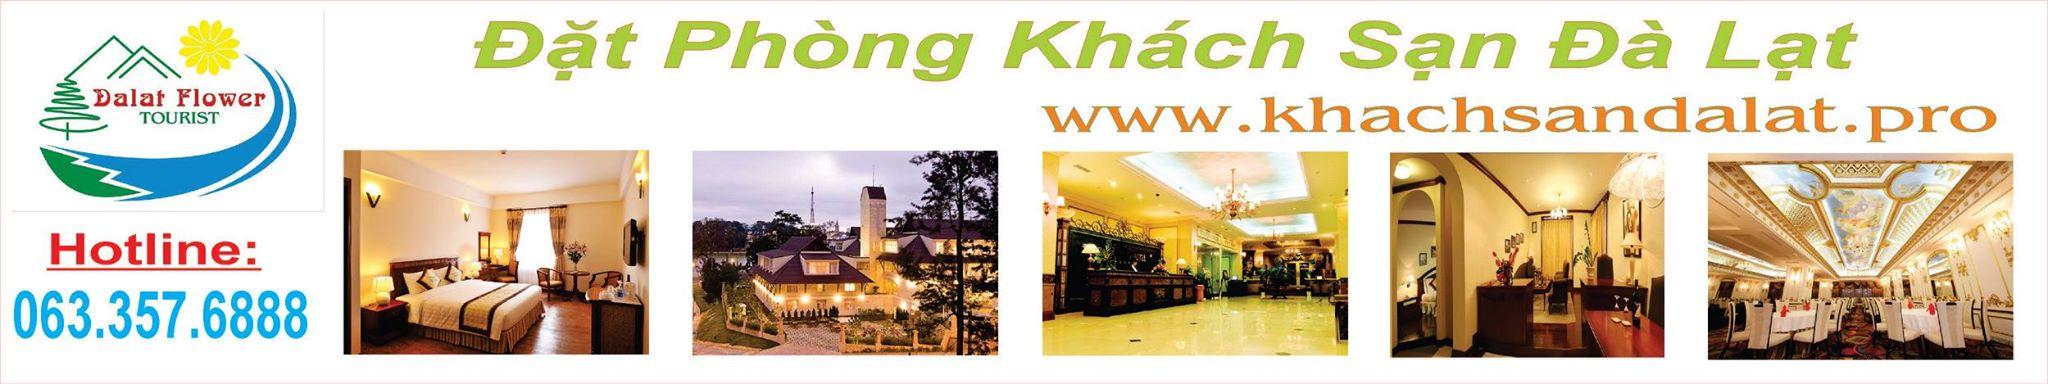 Đặt phòng Khách sạn Đà Lạt - Hotel Đà Lạt giá rẻ